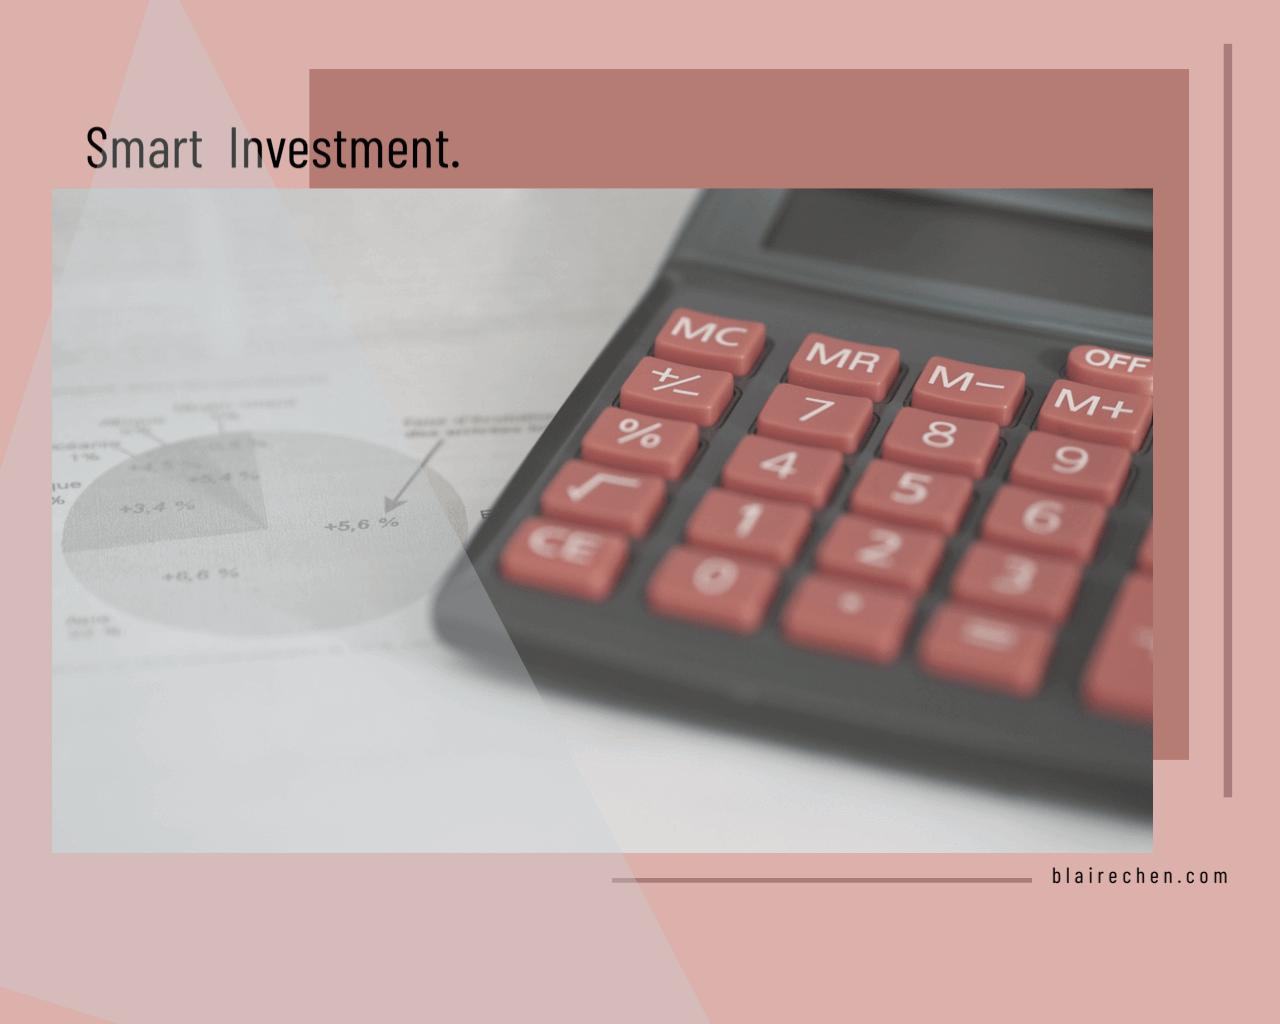 覺得投資好難、不知怎麼開始?建立 3 個入門觀念、你也可以輕鬆踏入投資理財的世界!